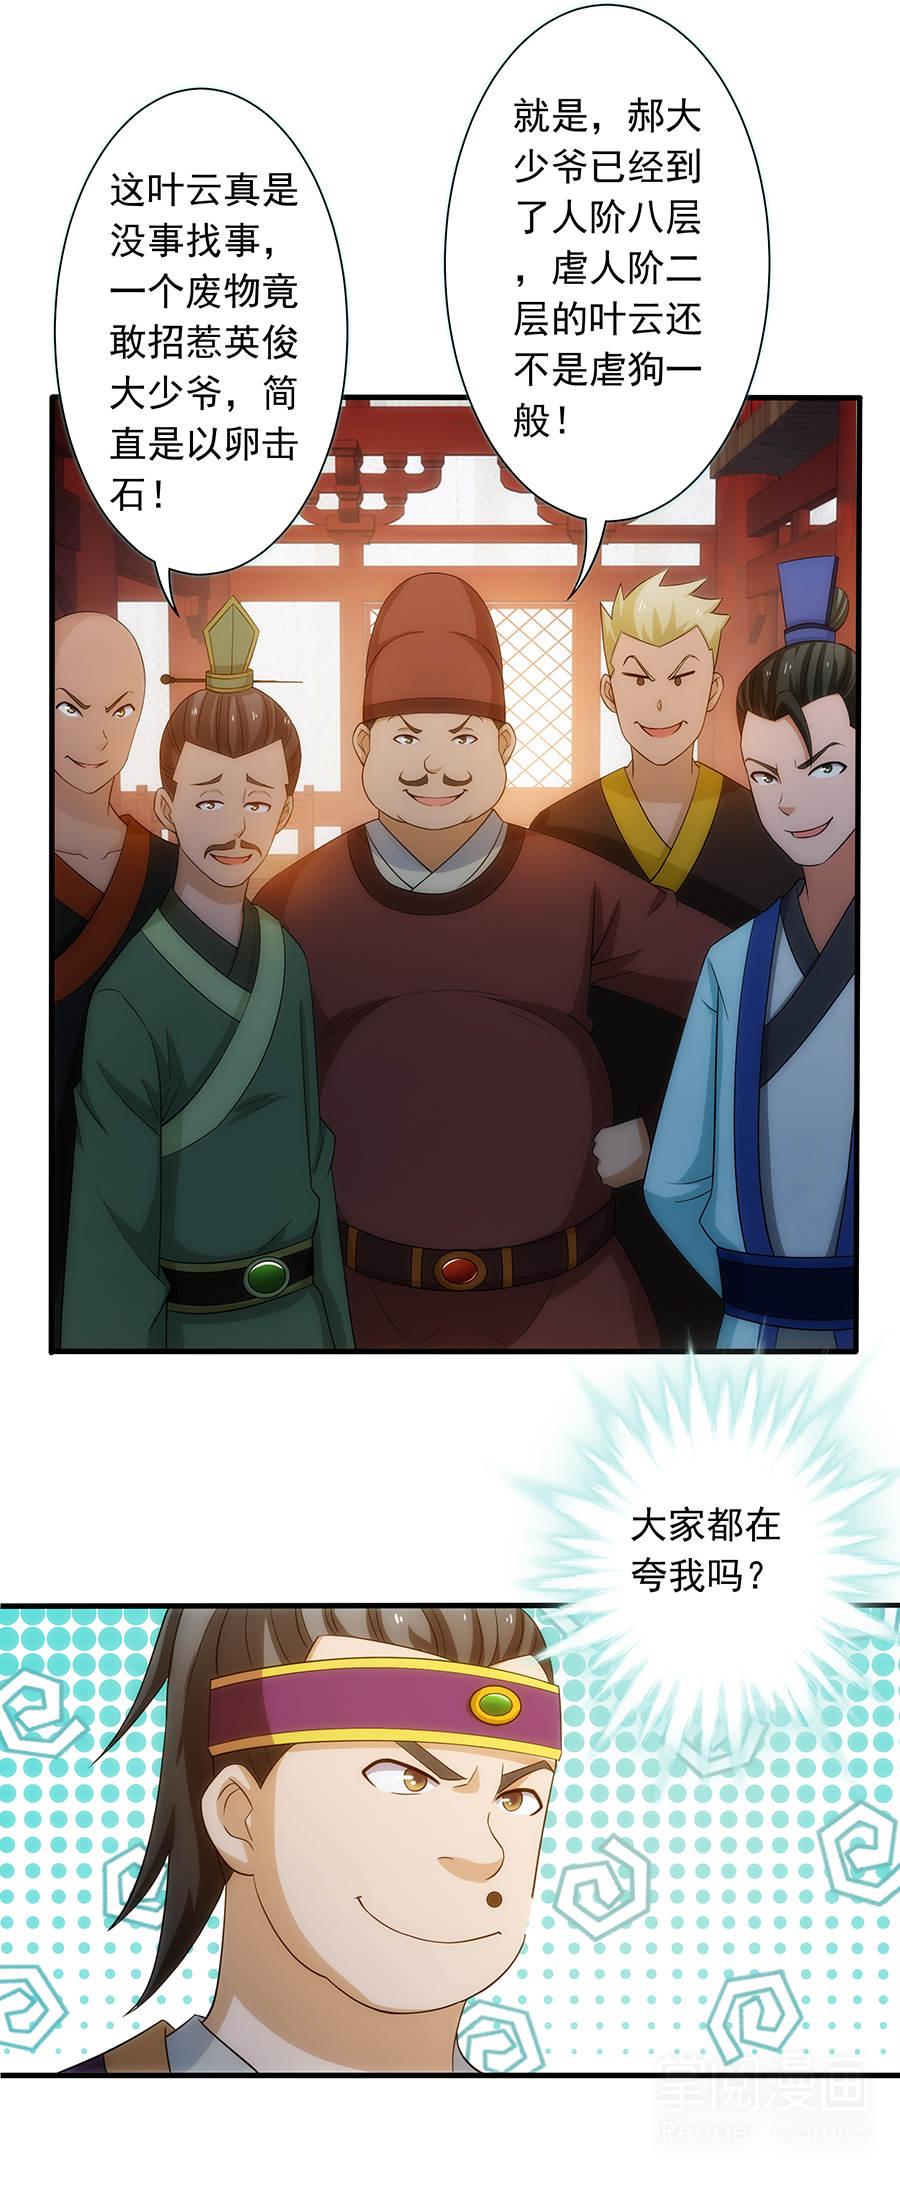 绝世剑神第16话  赌斗恶少 第 8